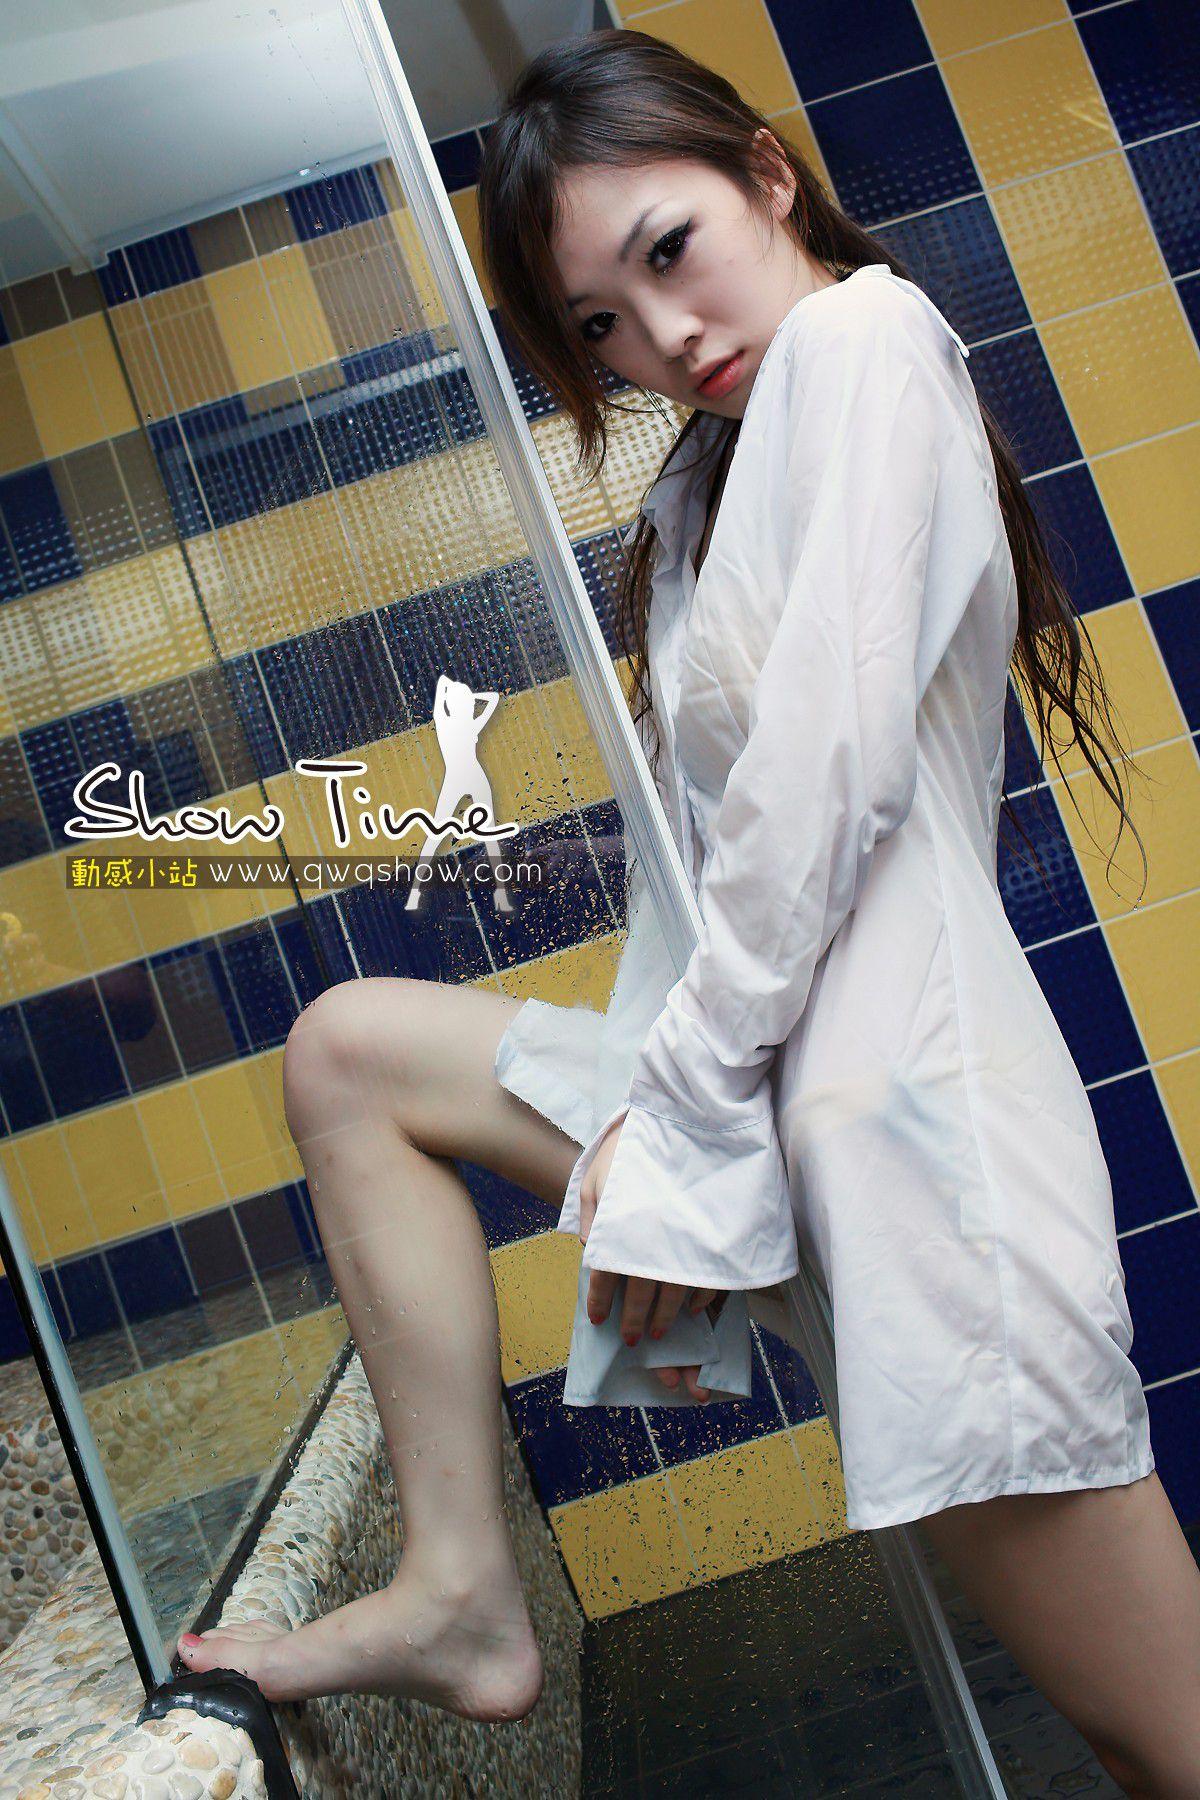 VOL.209 [动感之星]湿身浴室衬衫:骨儿(动感小站骨儿,动感之星骨儿)高品质写真套图(38P)